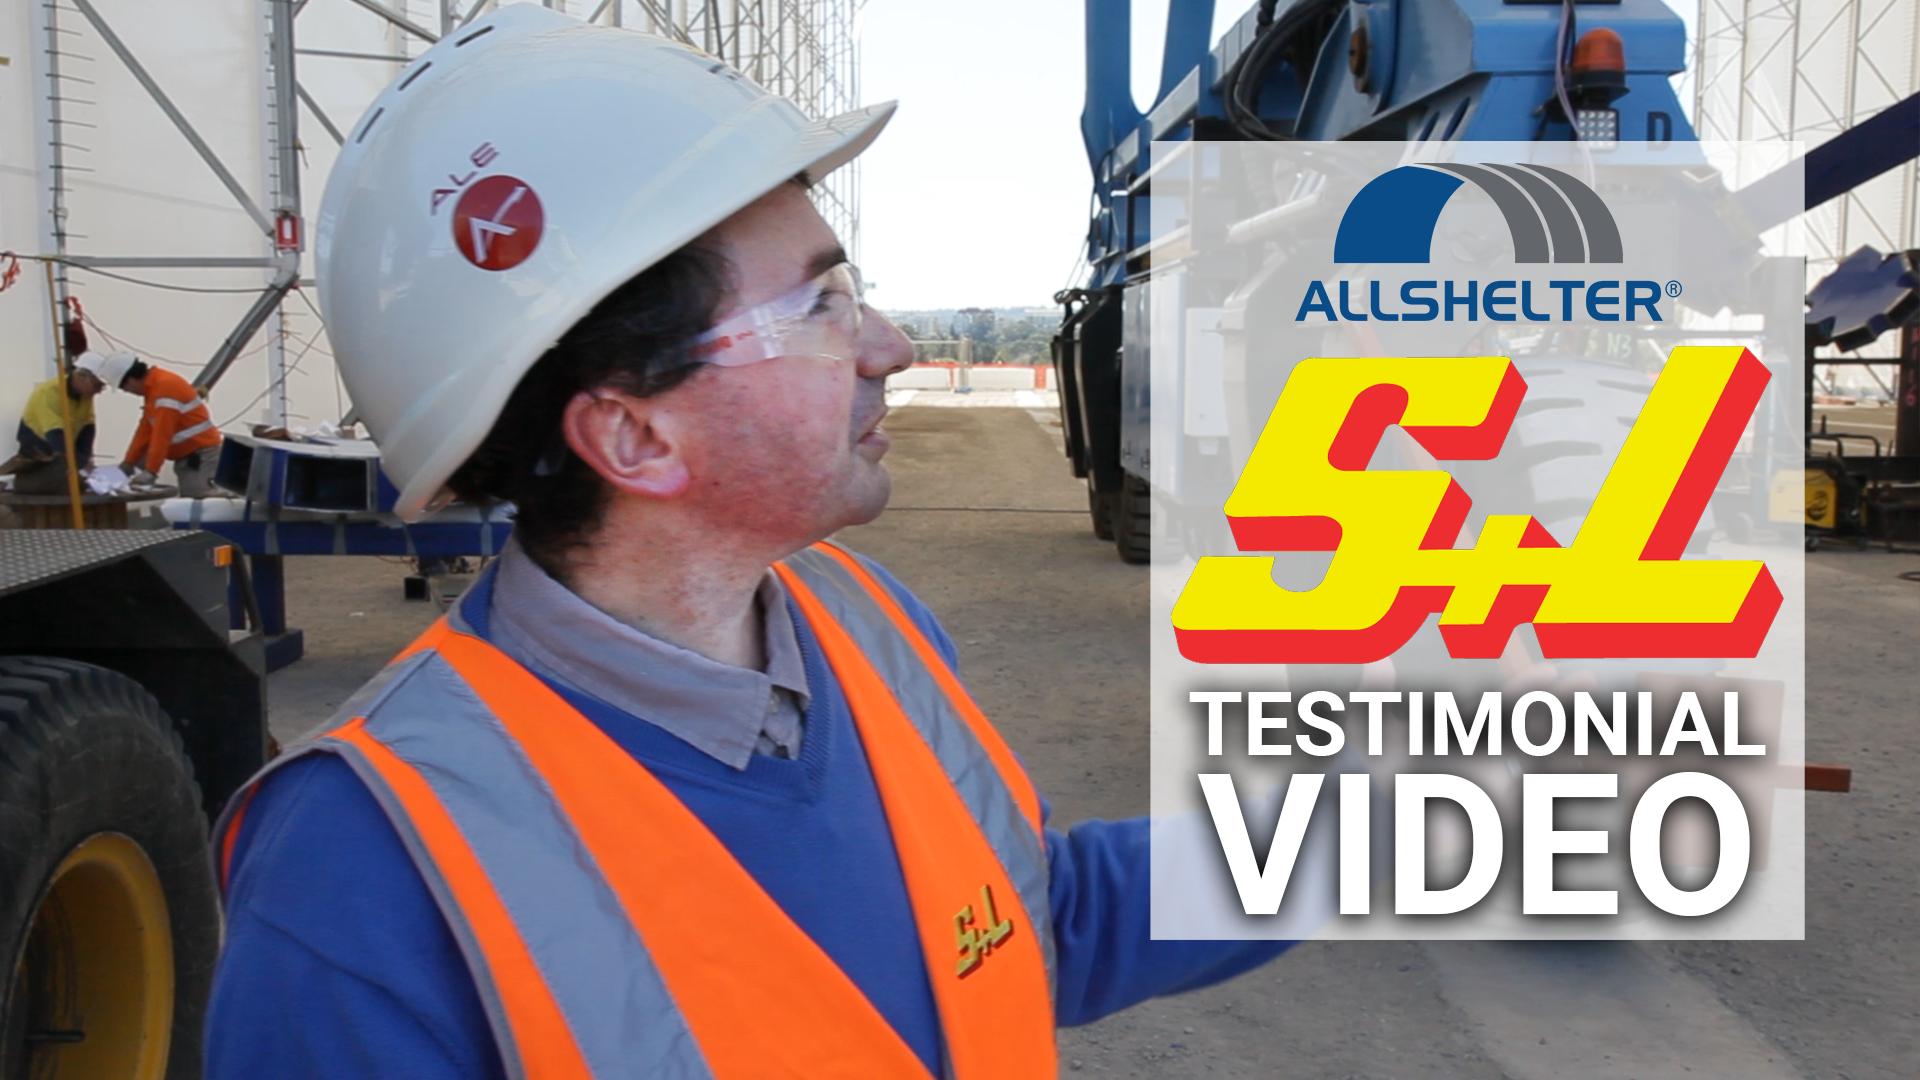 S&L Video Testimonial - Final